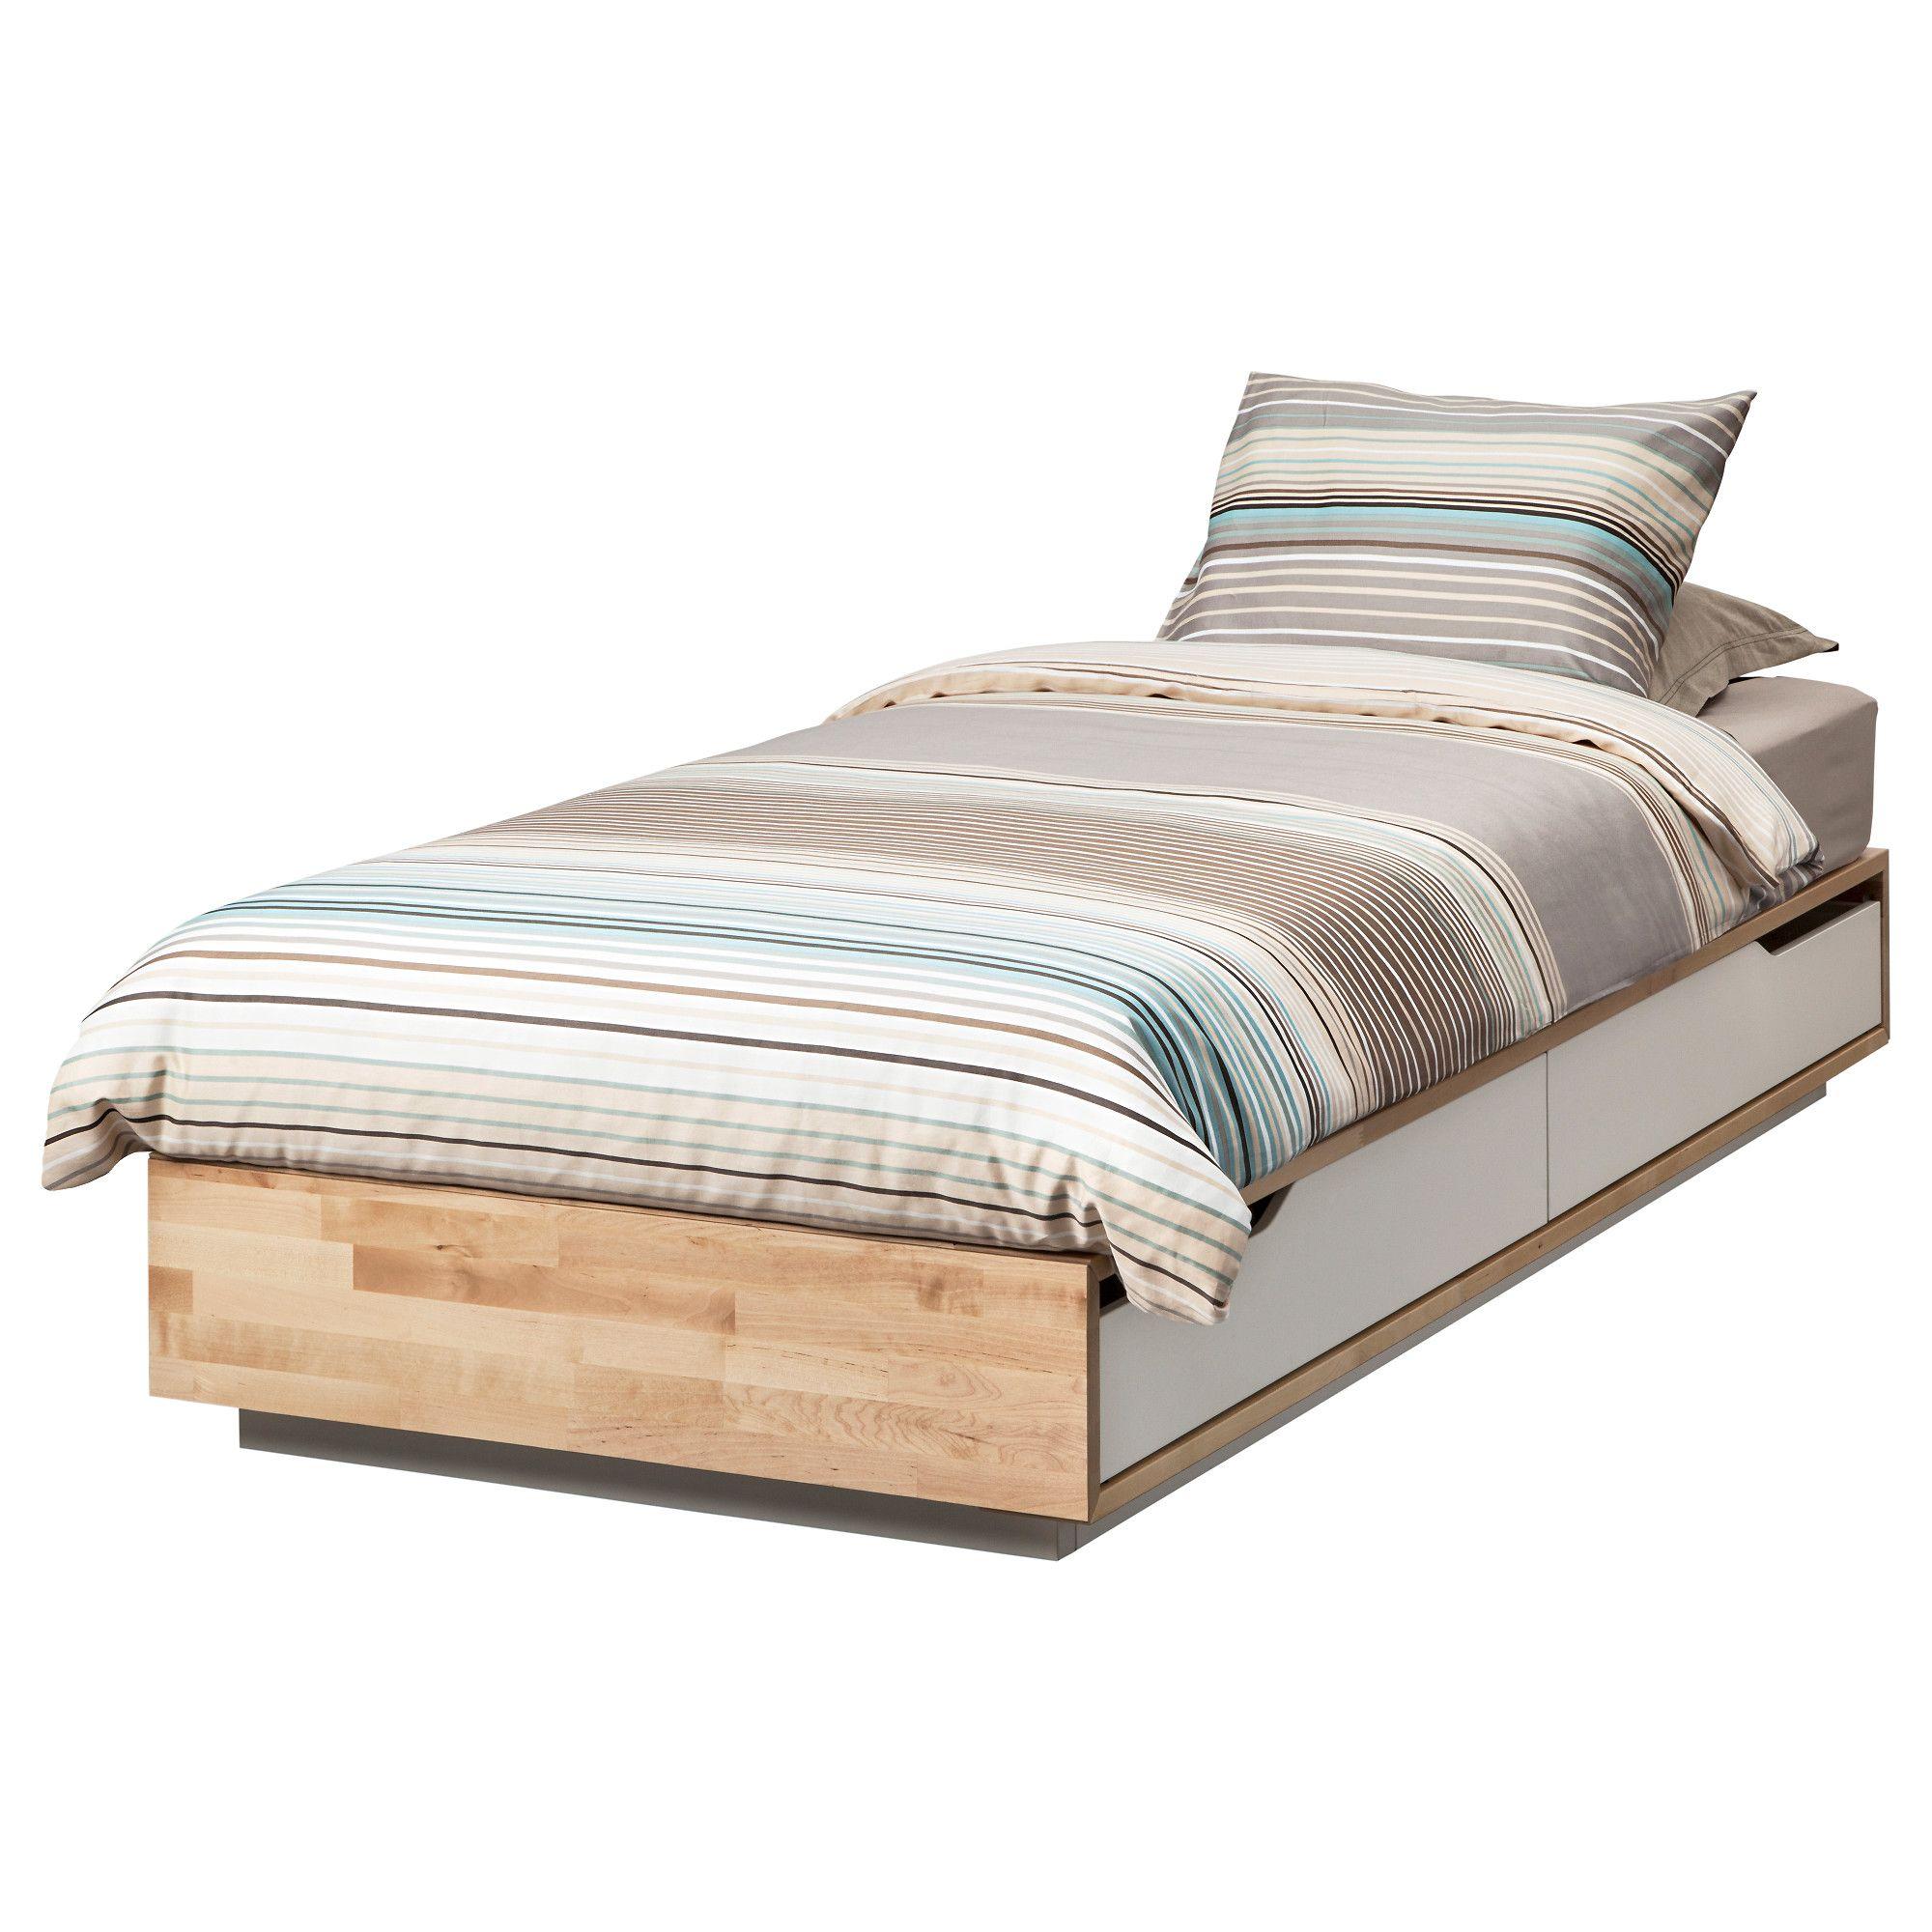 MANDAL легло с място за вещи IKEA Bed frame with